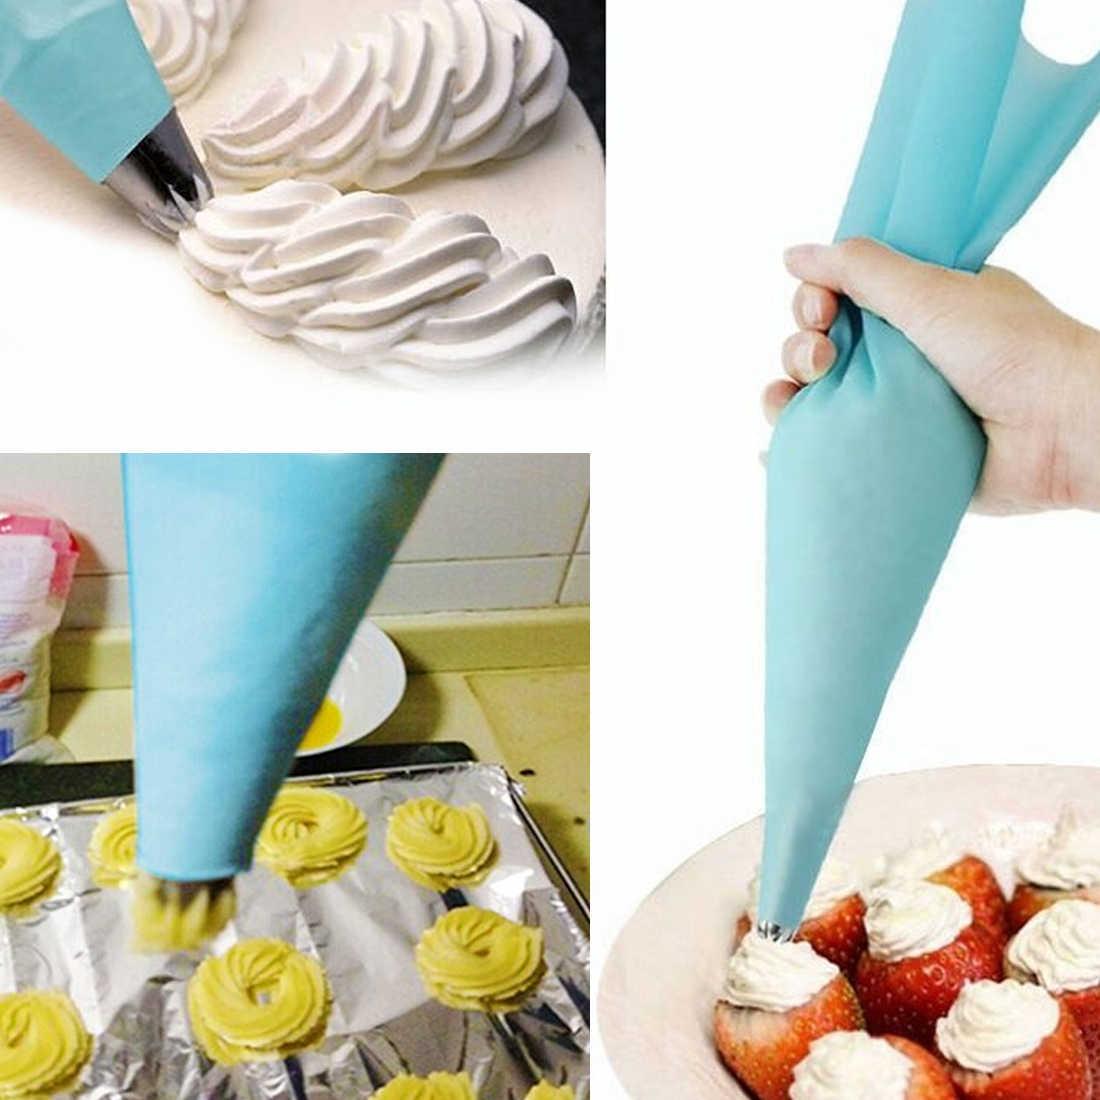 Ferramentas de cozimento de Decoração 4 pçs/set Confeitaria Silicone Reutilizável Confeiteiro Piping Creme Pastelaria Bag Decoração Do Bolo Bocal de aperto